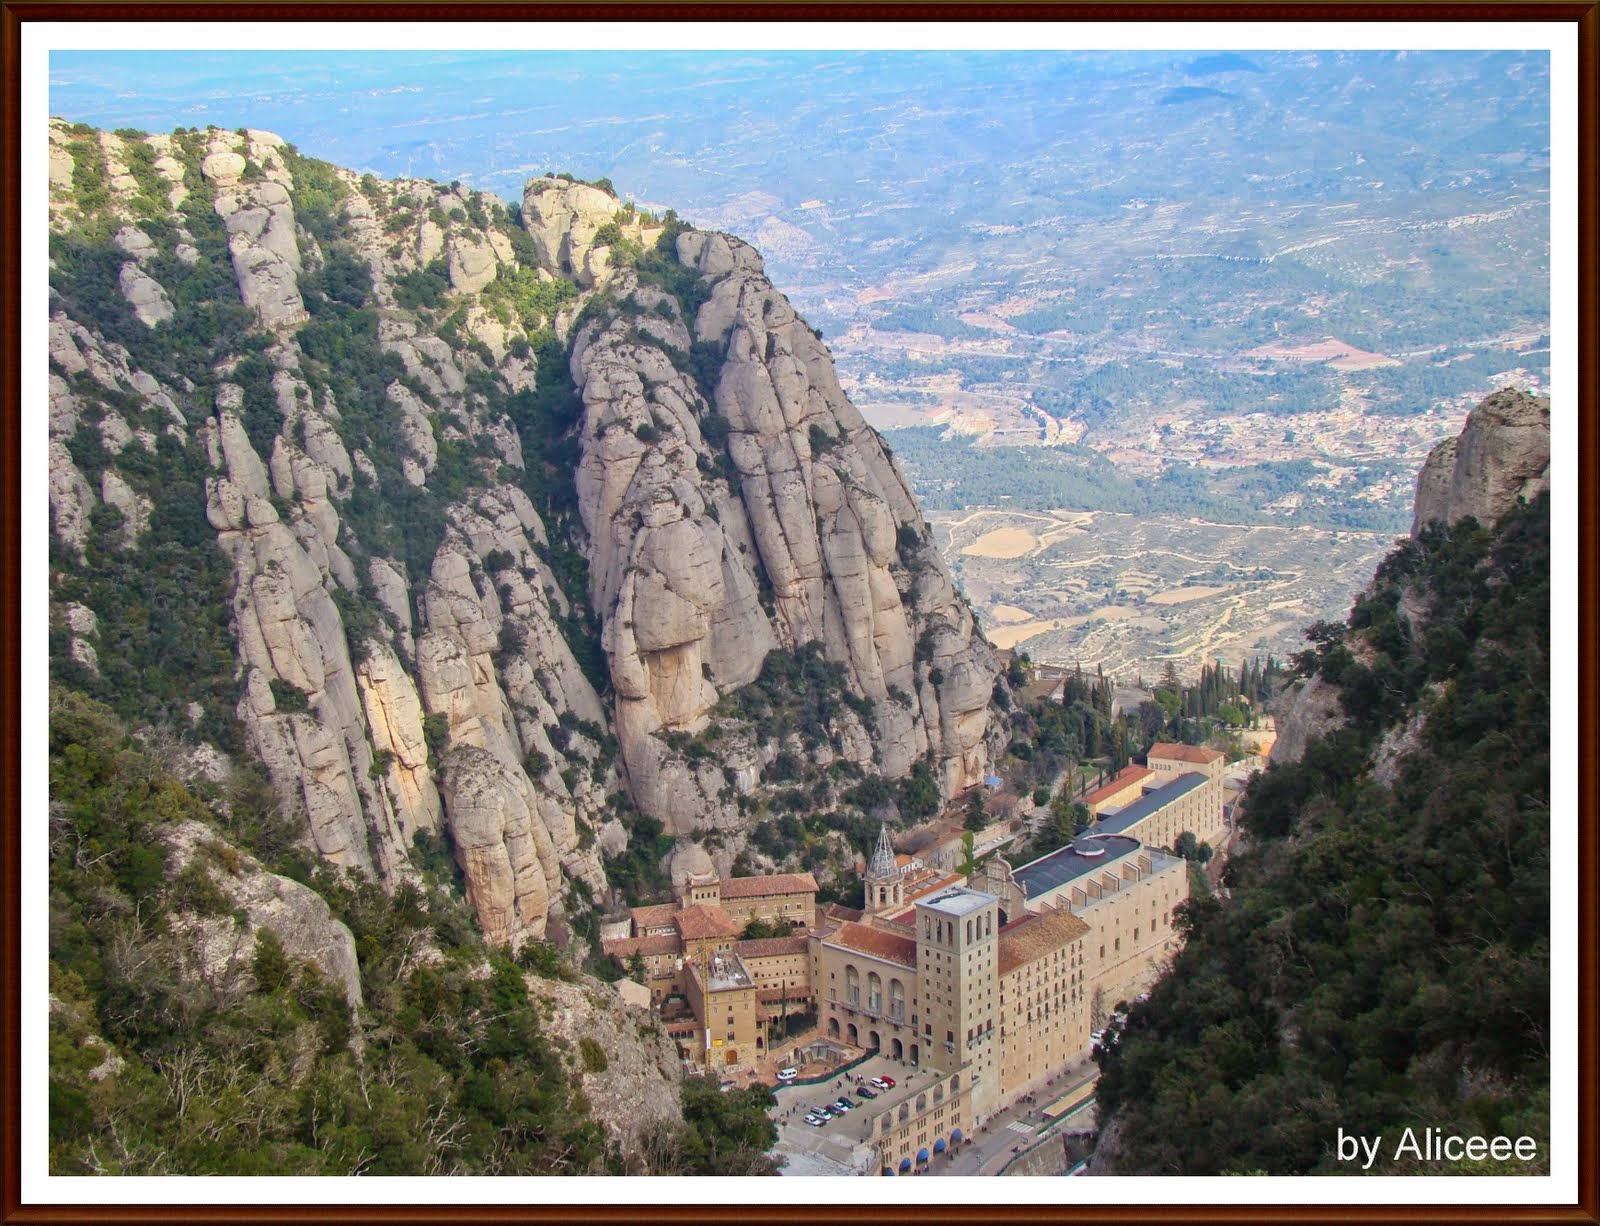 manastirea-montserrat-spania